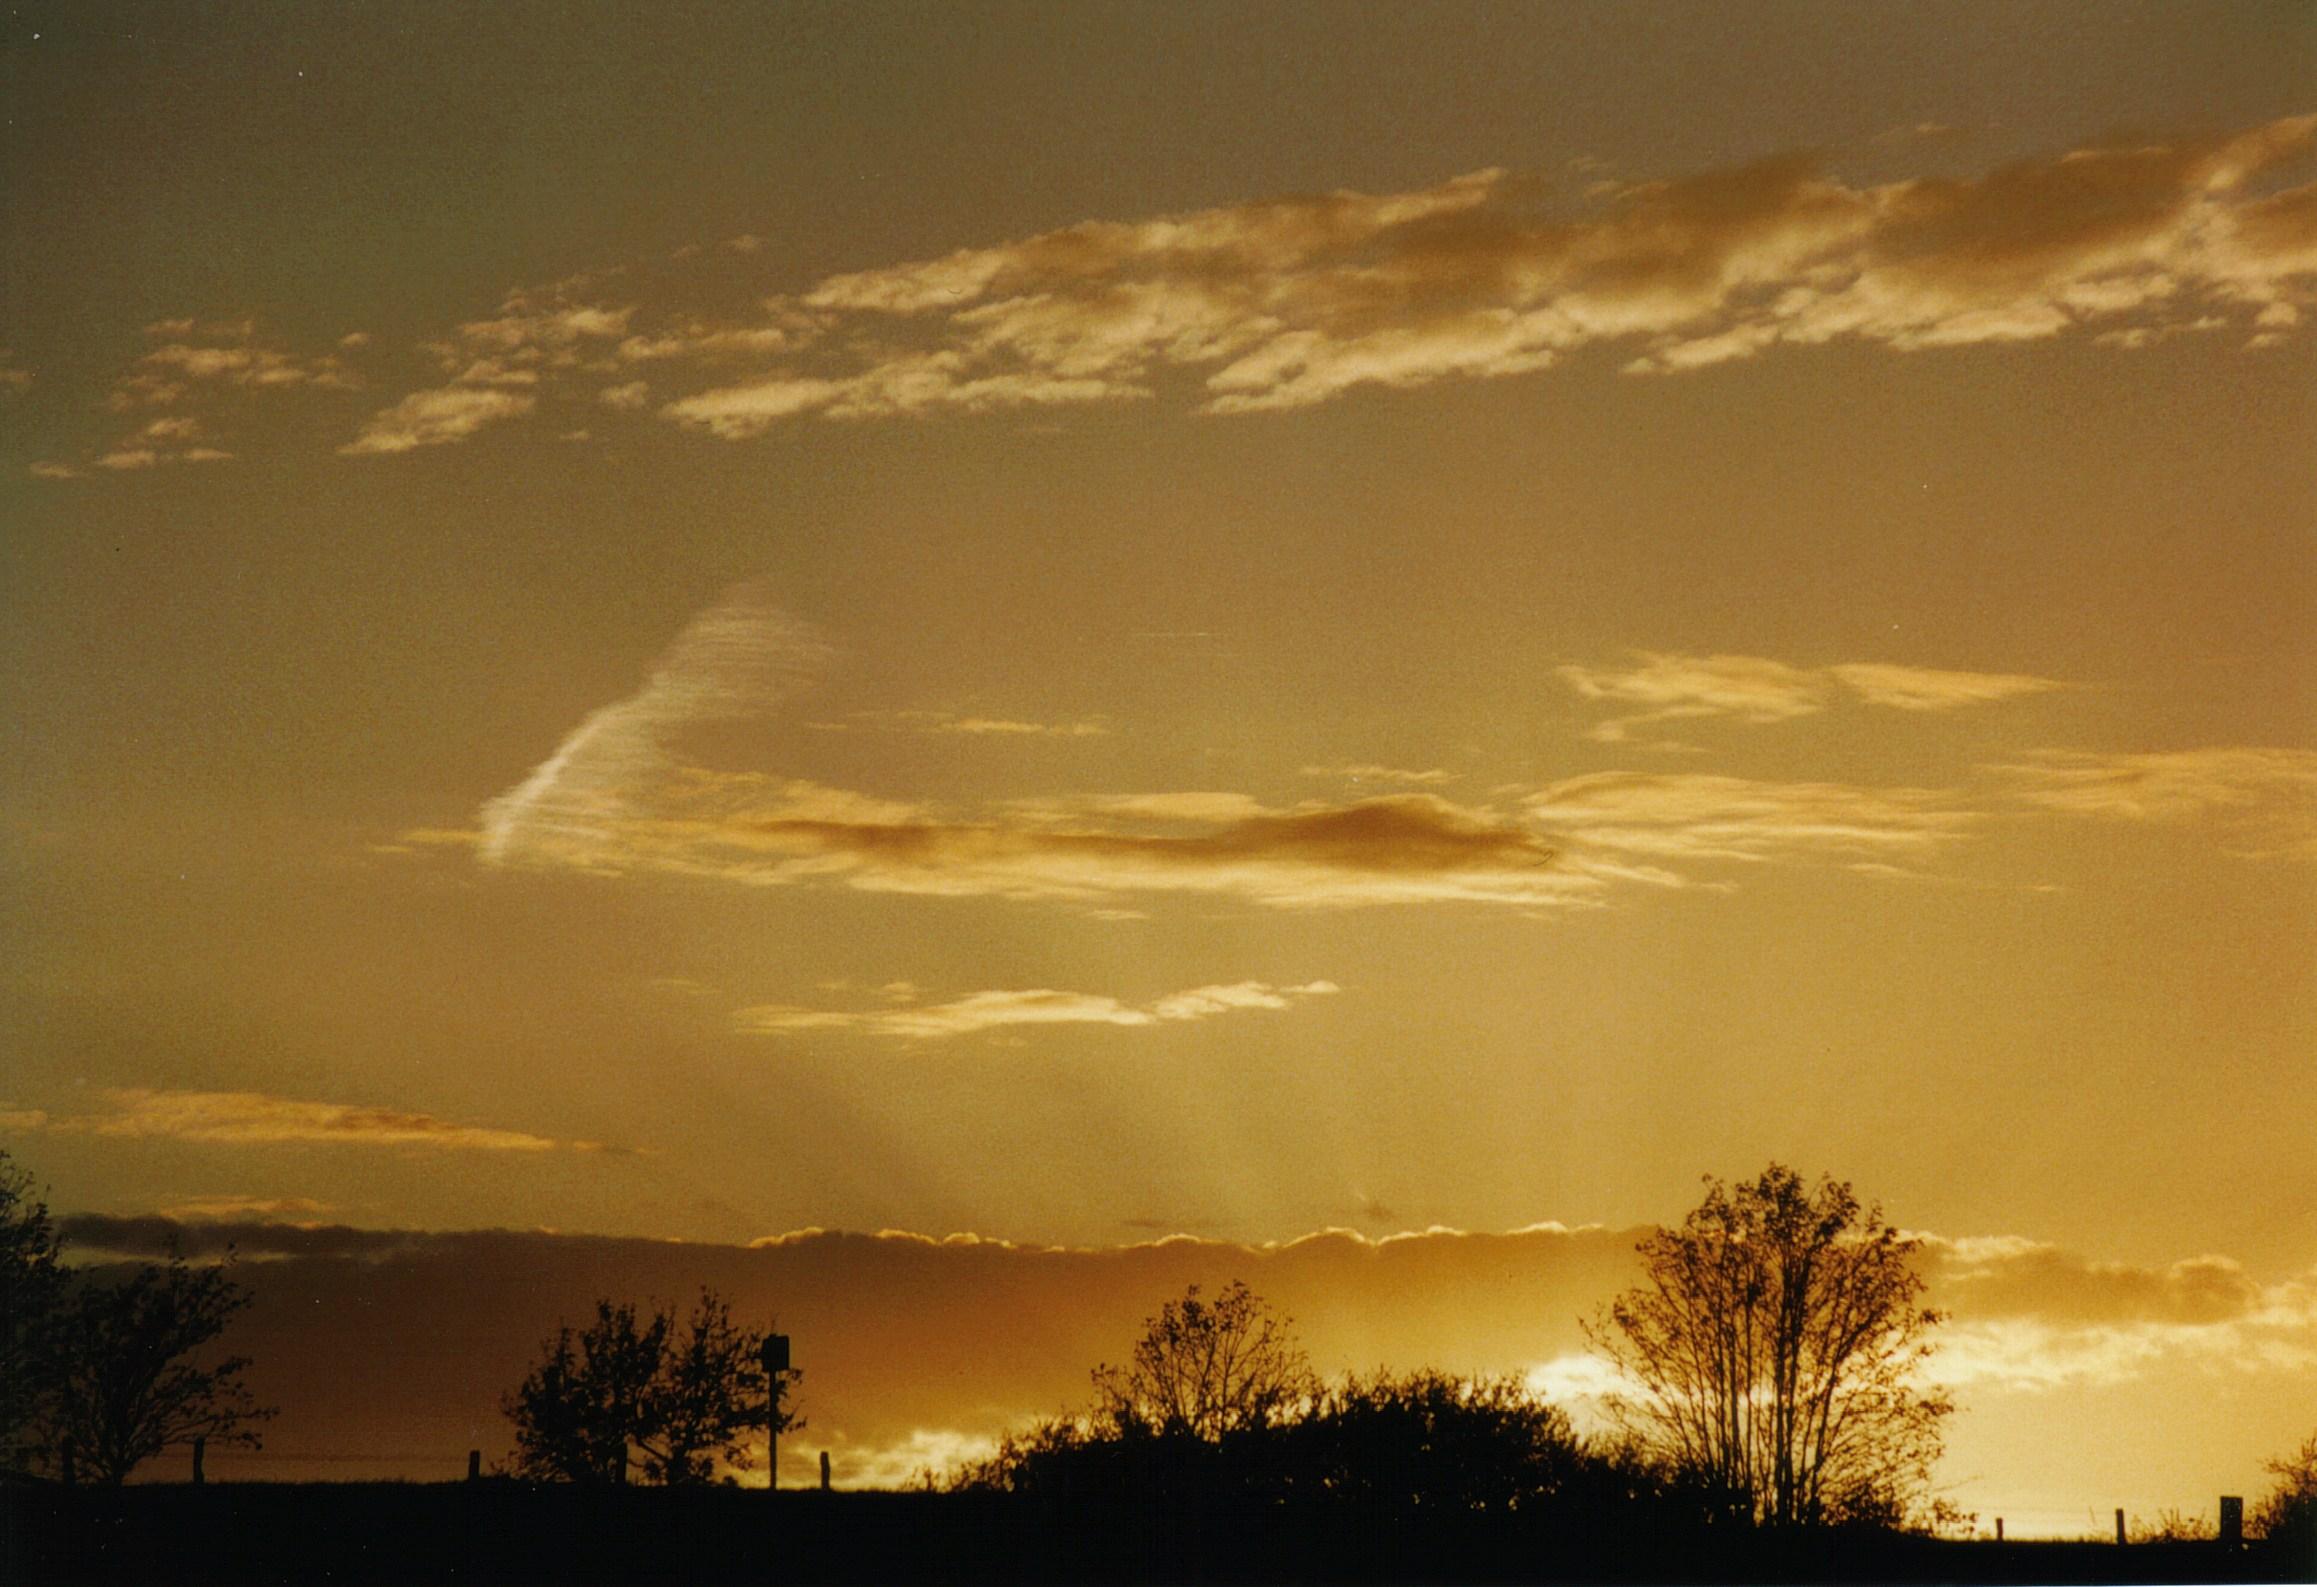 Image soleil d'hiver - solhiv